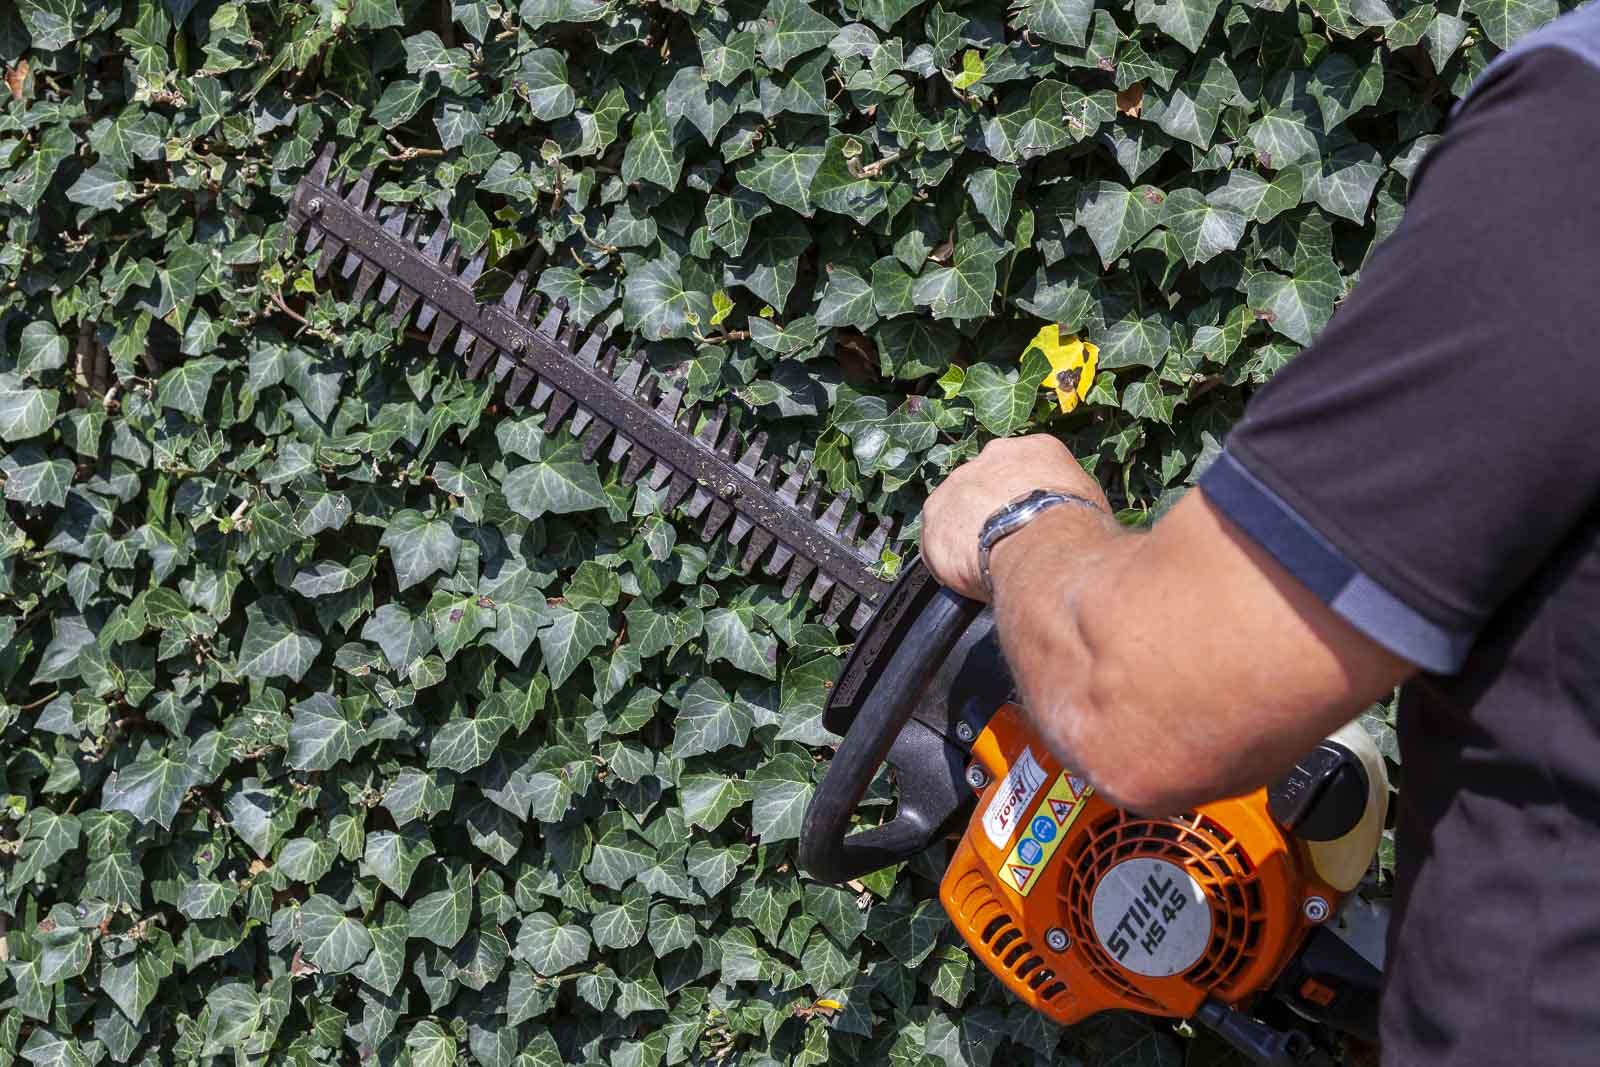 Gert-Jan Schonenberg knipt een Hedra met een elektrische heggenschaar